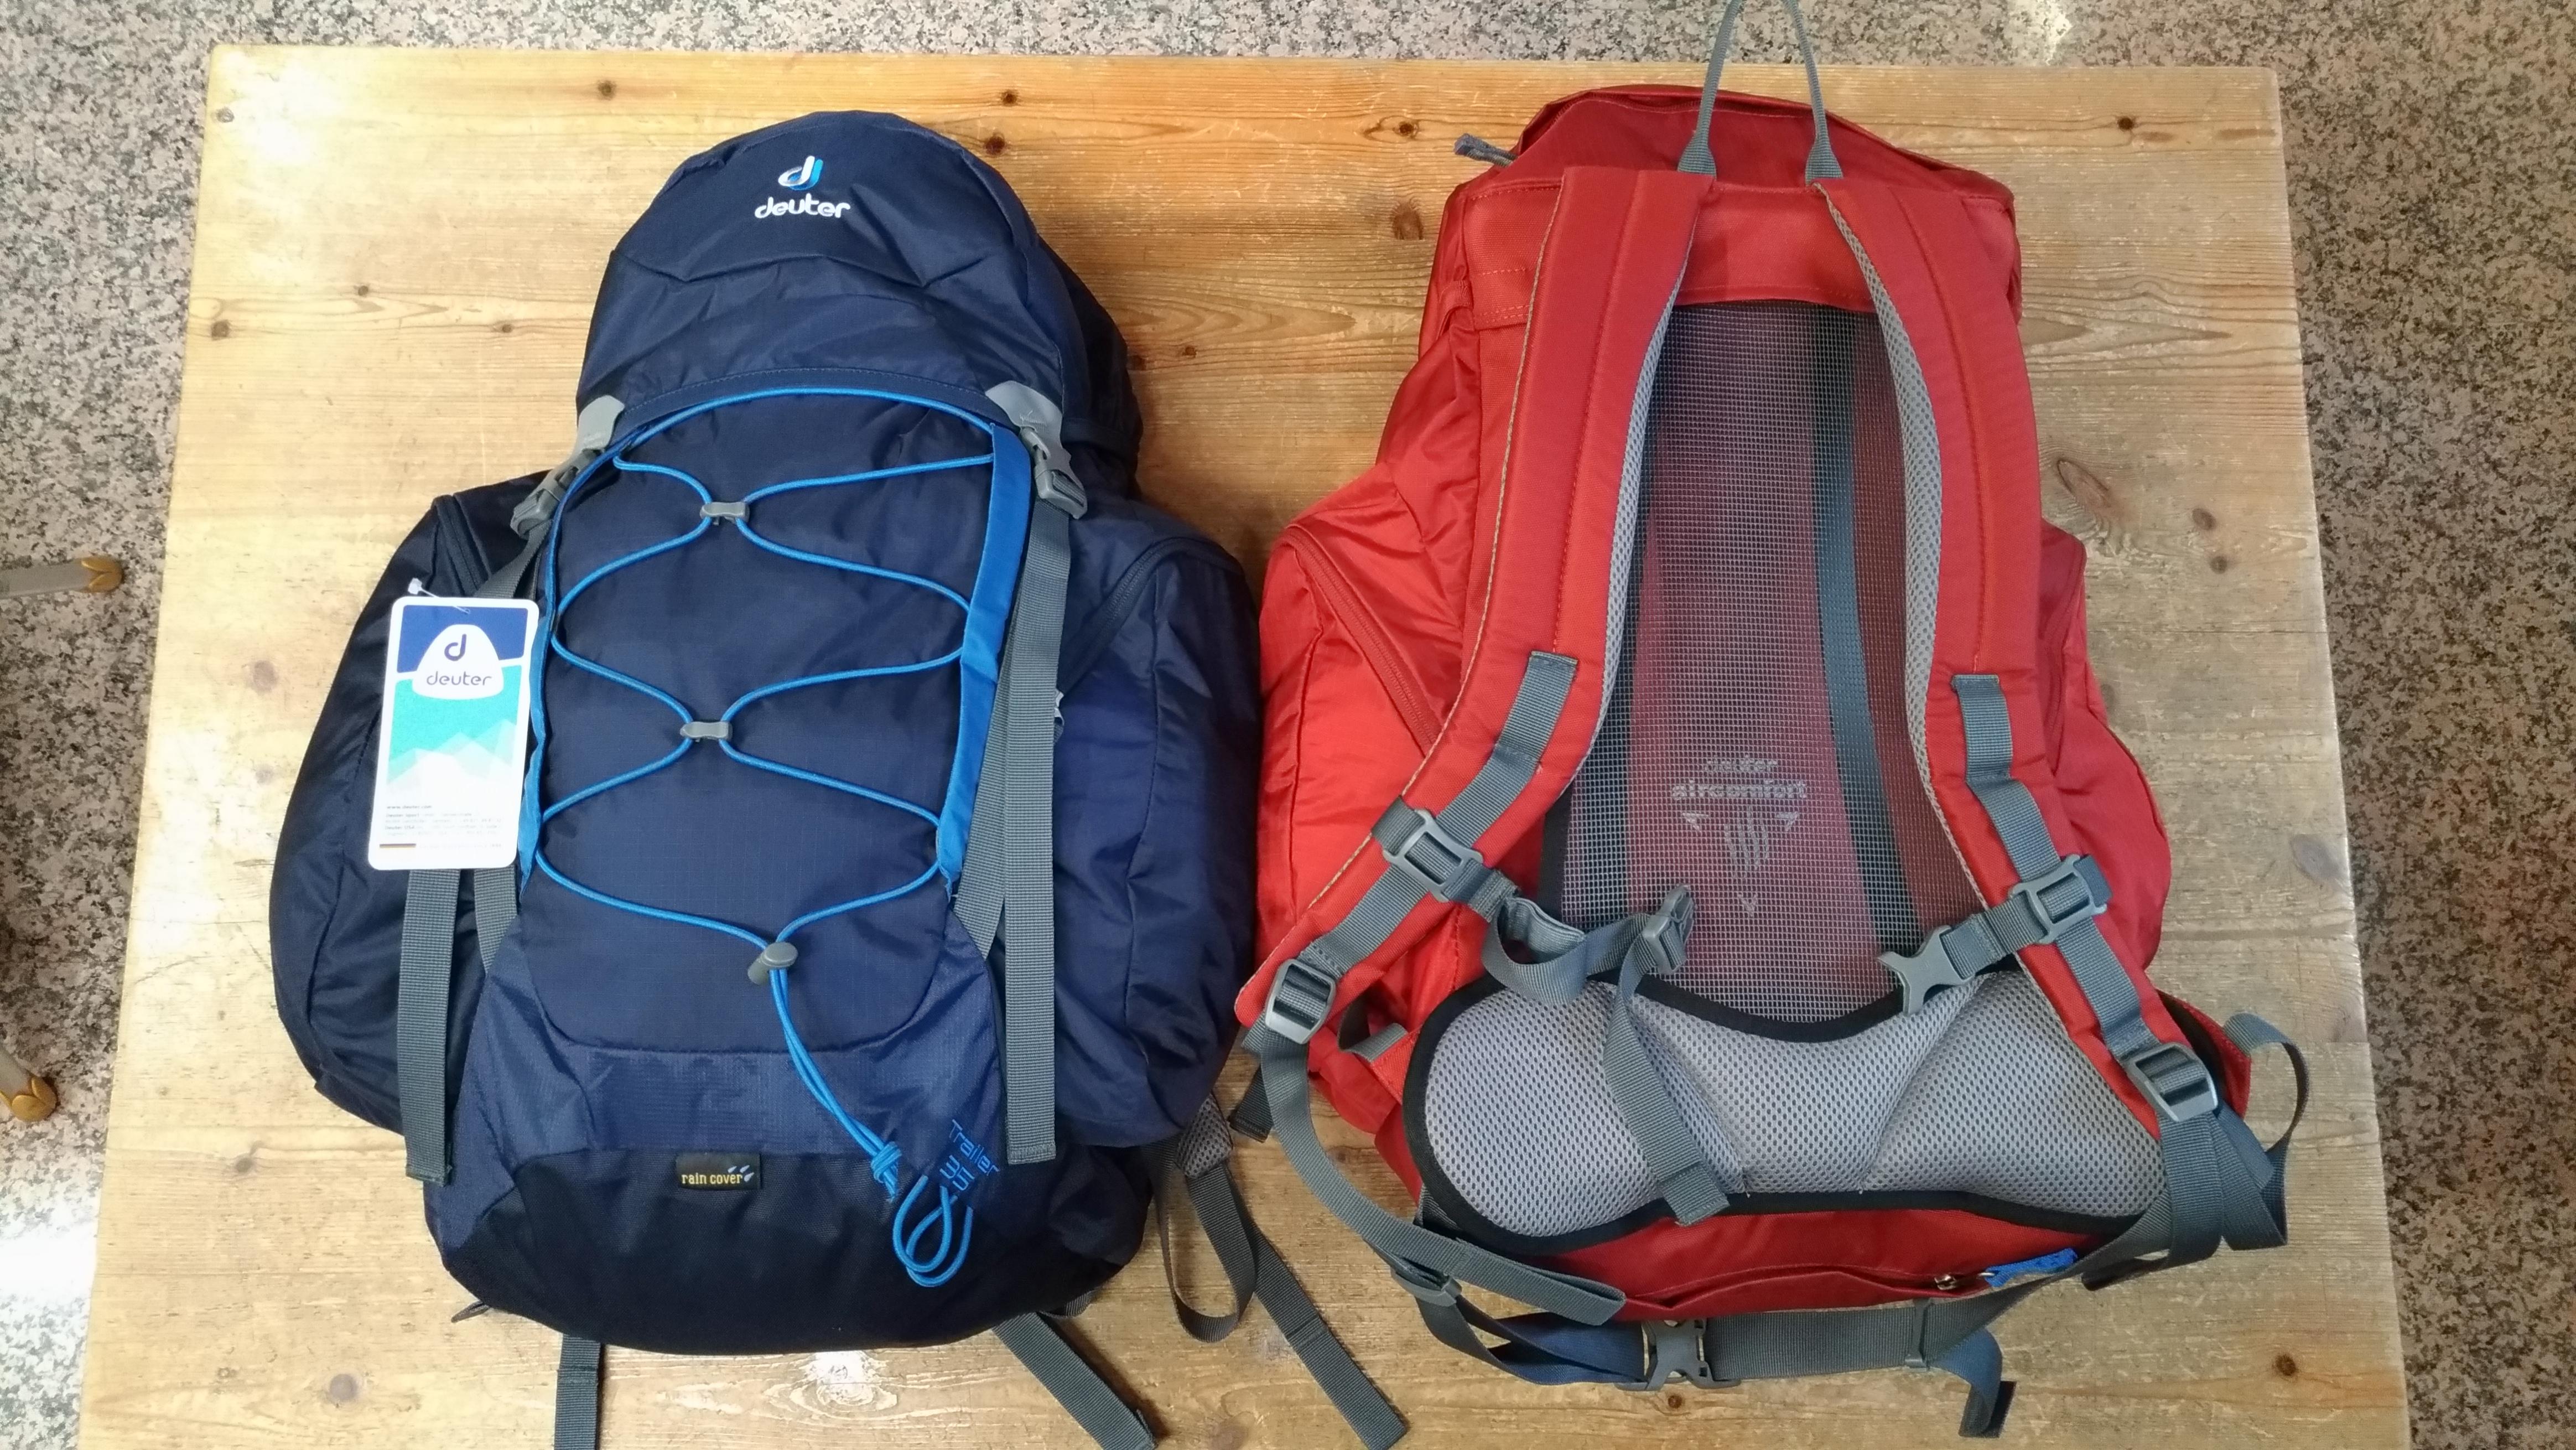 Zaini DEUTER escursionismo mod. Trailer 35 litri con schienale in rete e coprizaino.